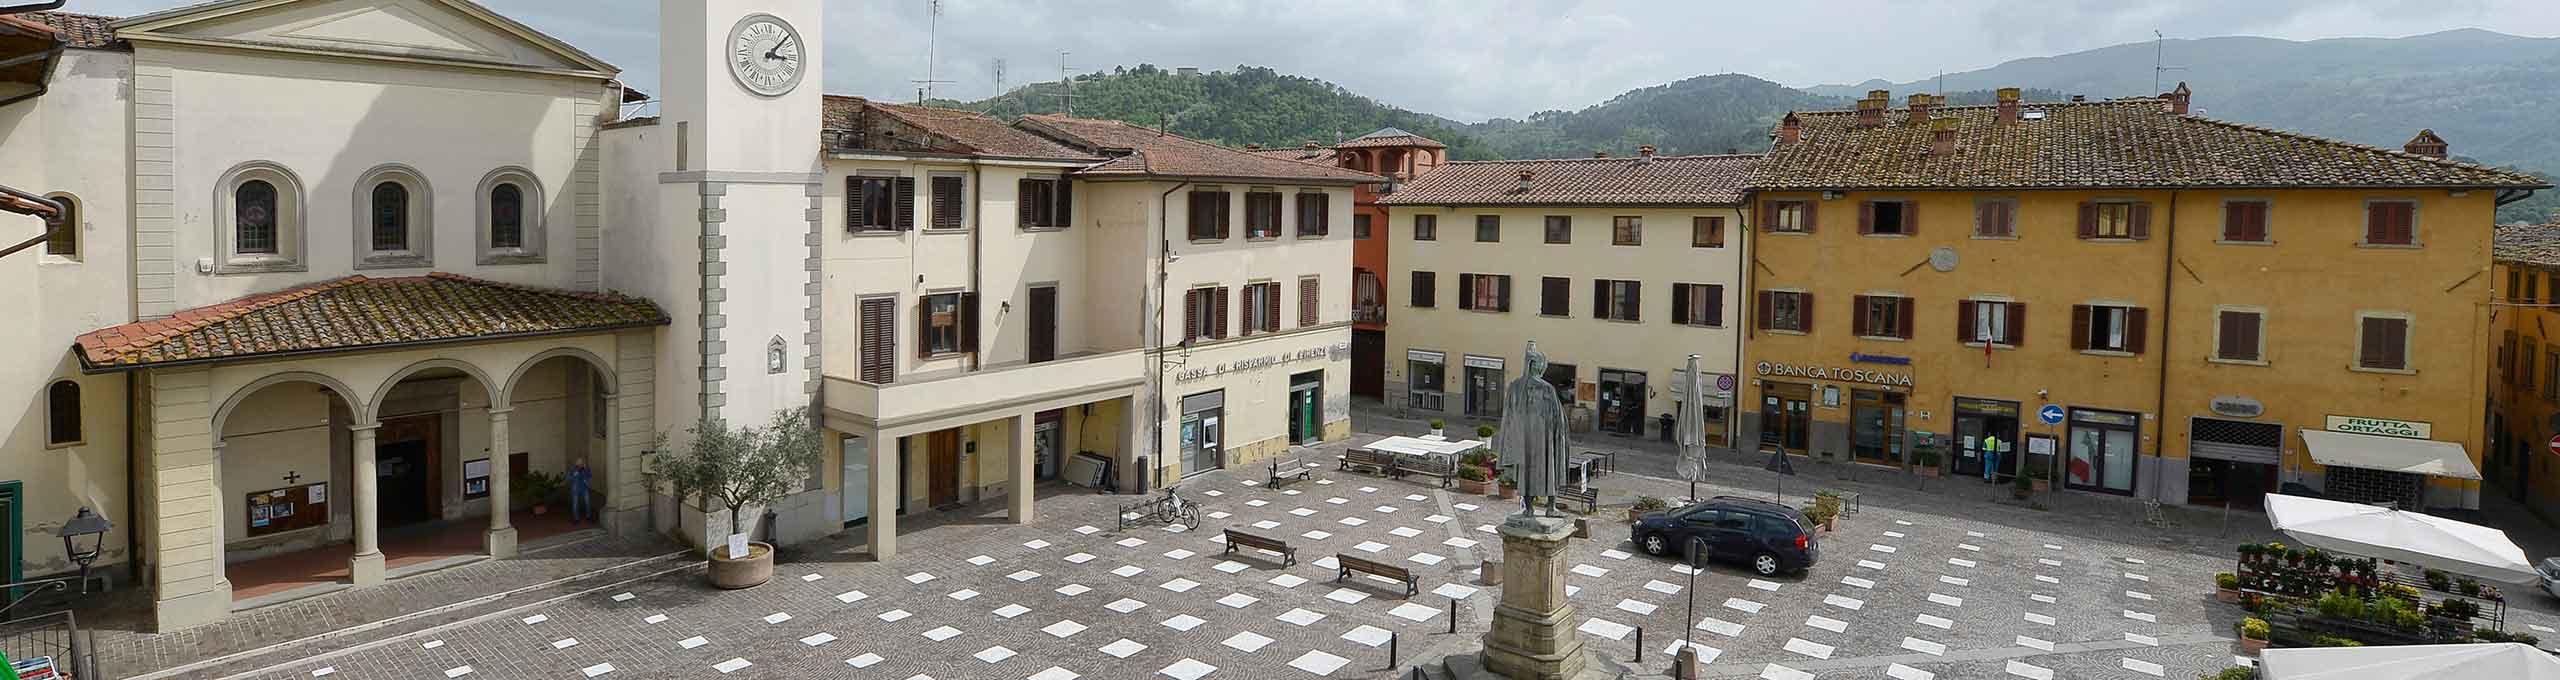 Piazza Giotto